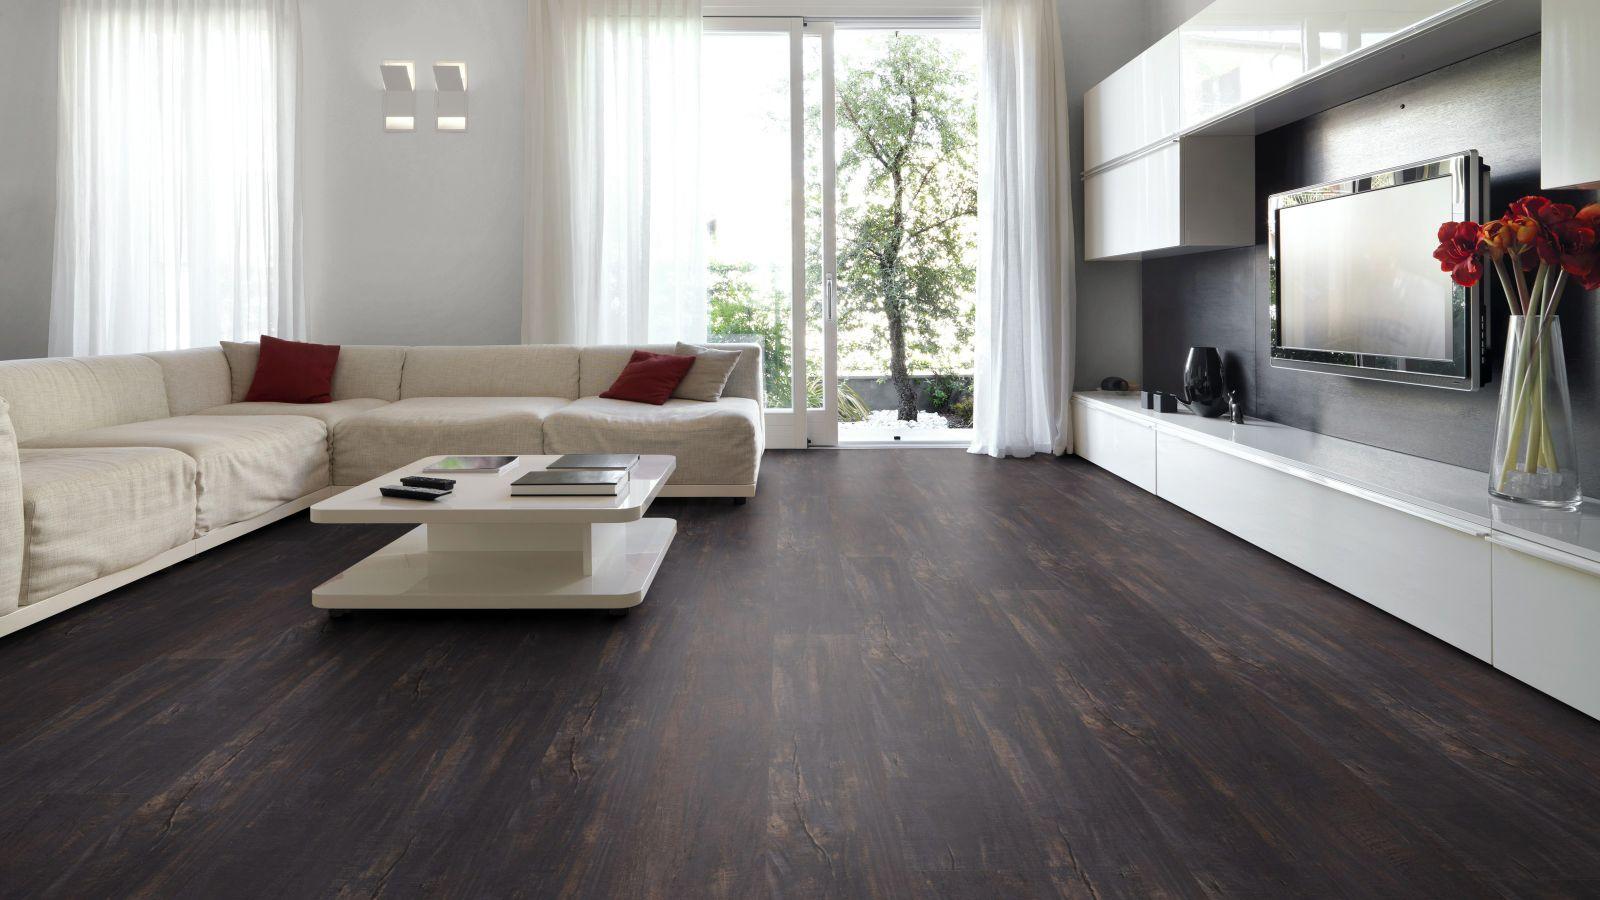 Zelf een vloer leggen laminaat in woonkamer